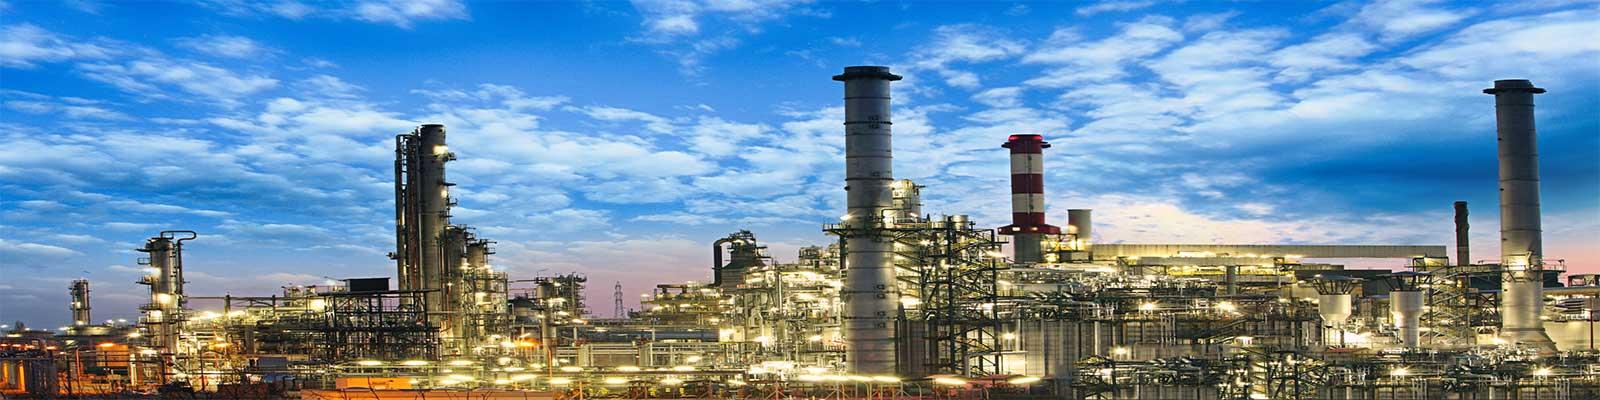 Résistances électriques pour le secteur des installations industrielles